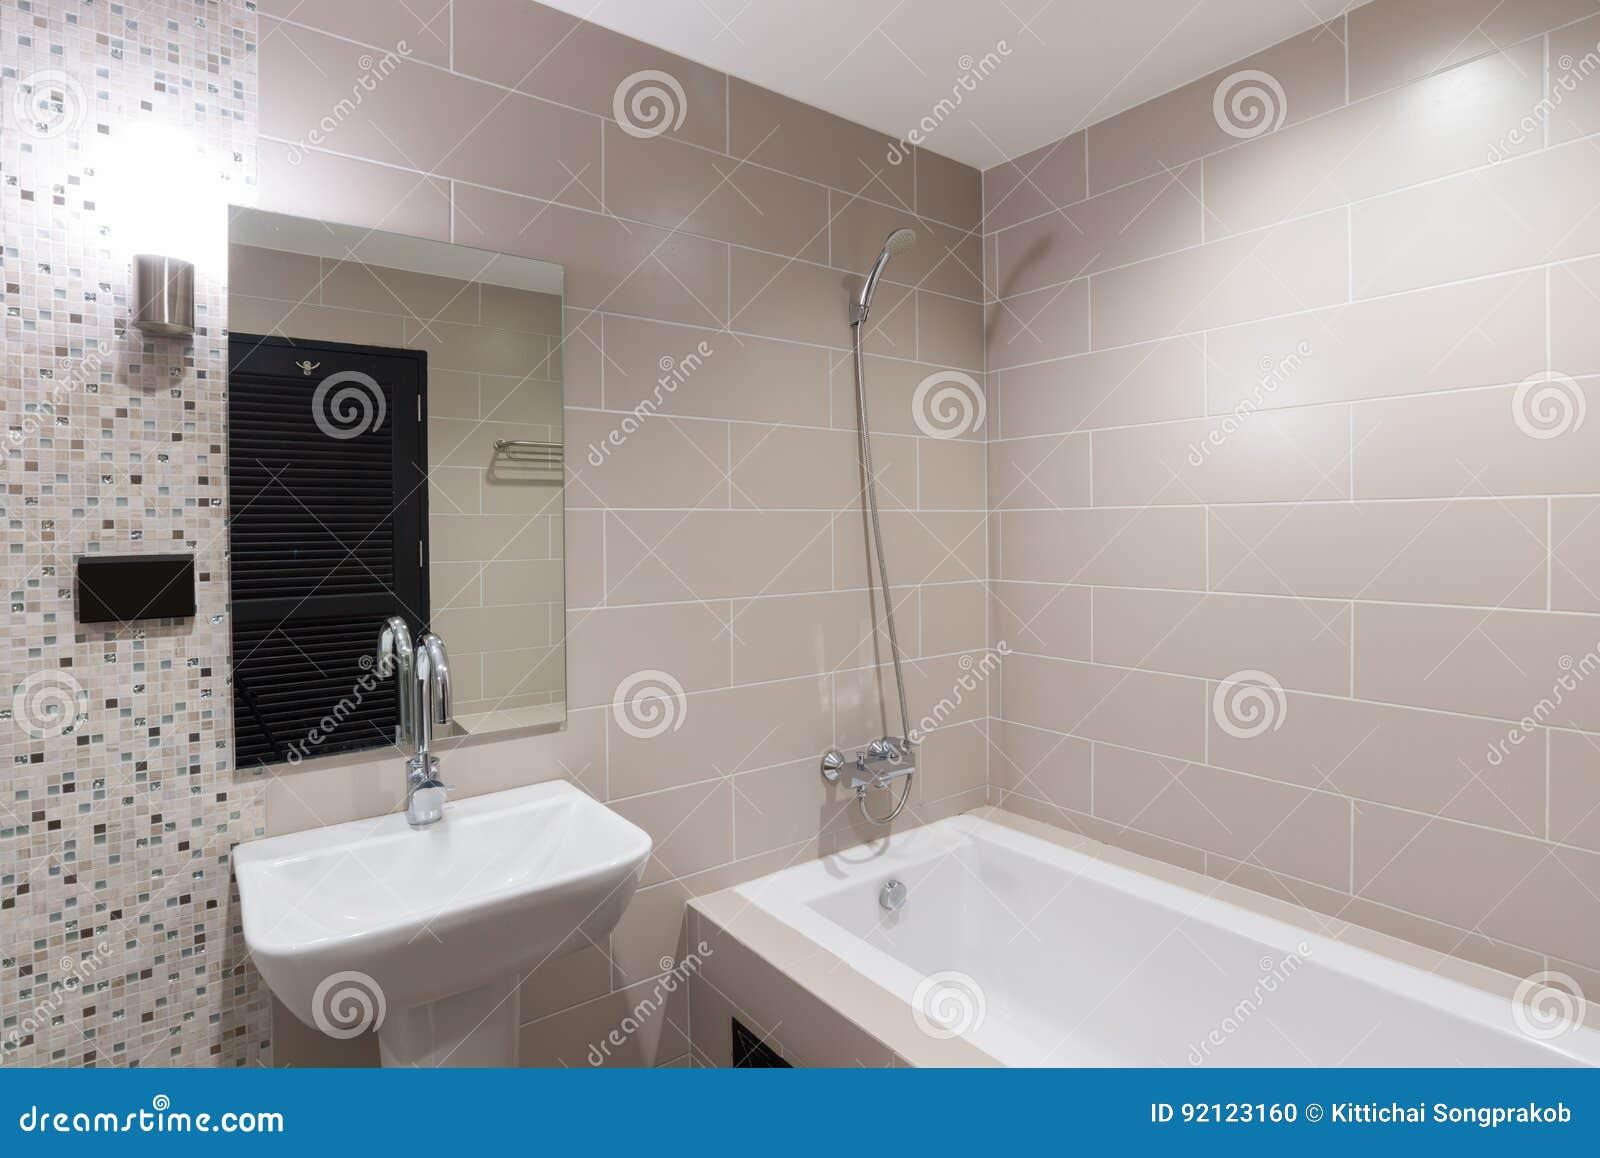 Cuarto De Baño Moderno Con Una Ducha Y Una Bañera Foto de archivo ...